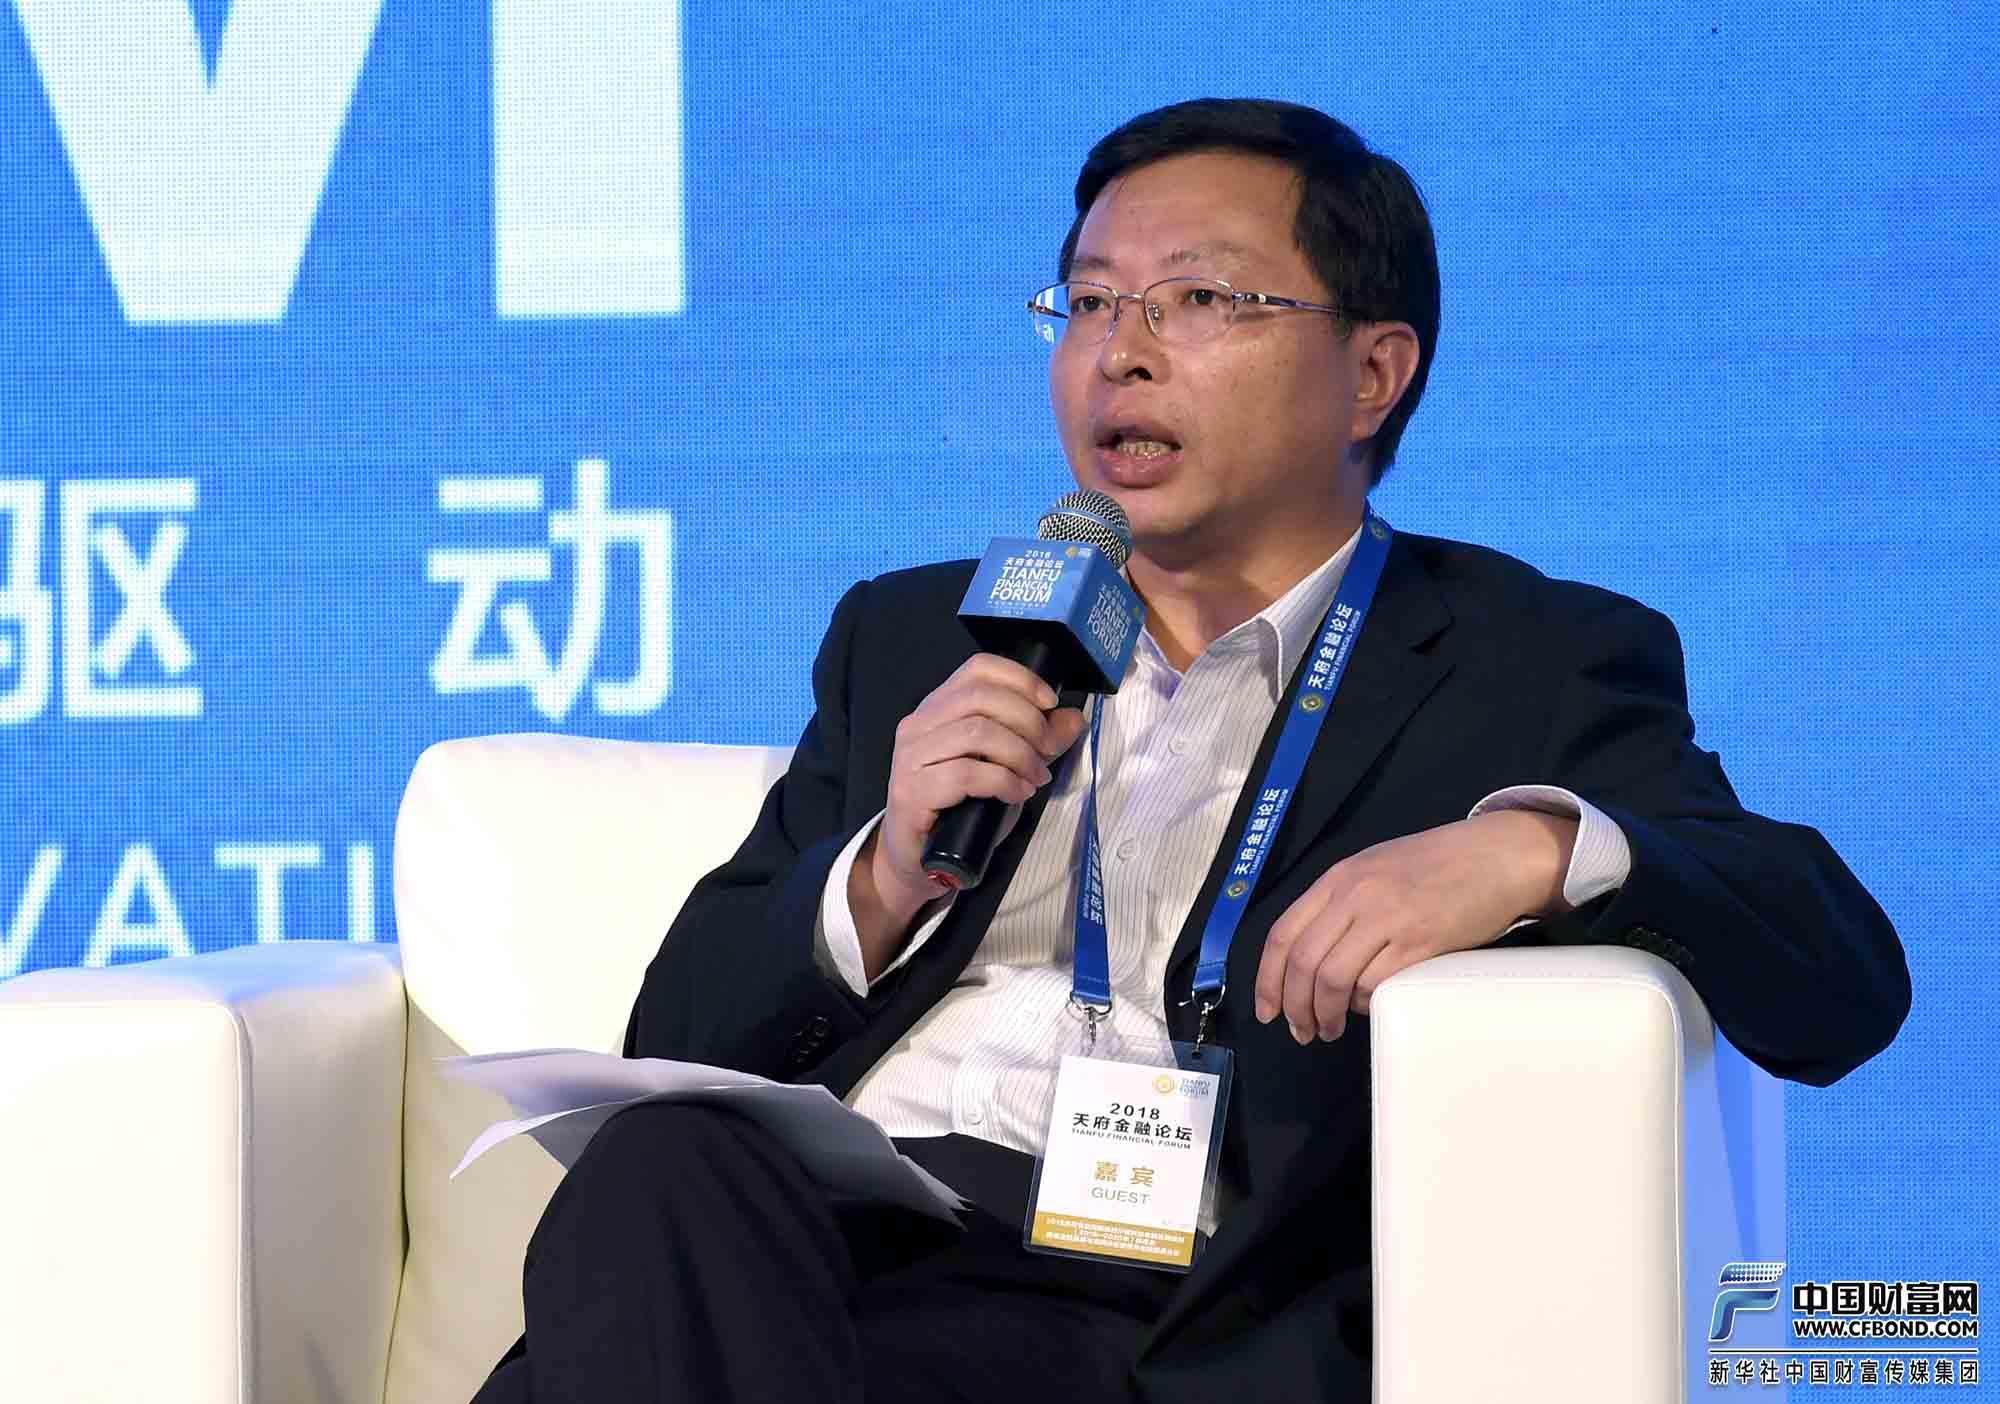 研讨嘉宾:成都银行董事长王晖